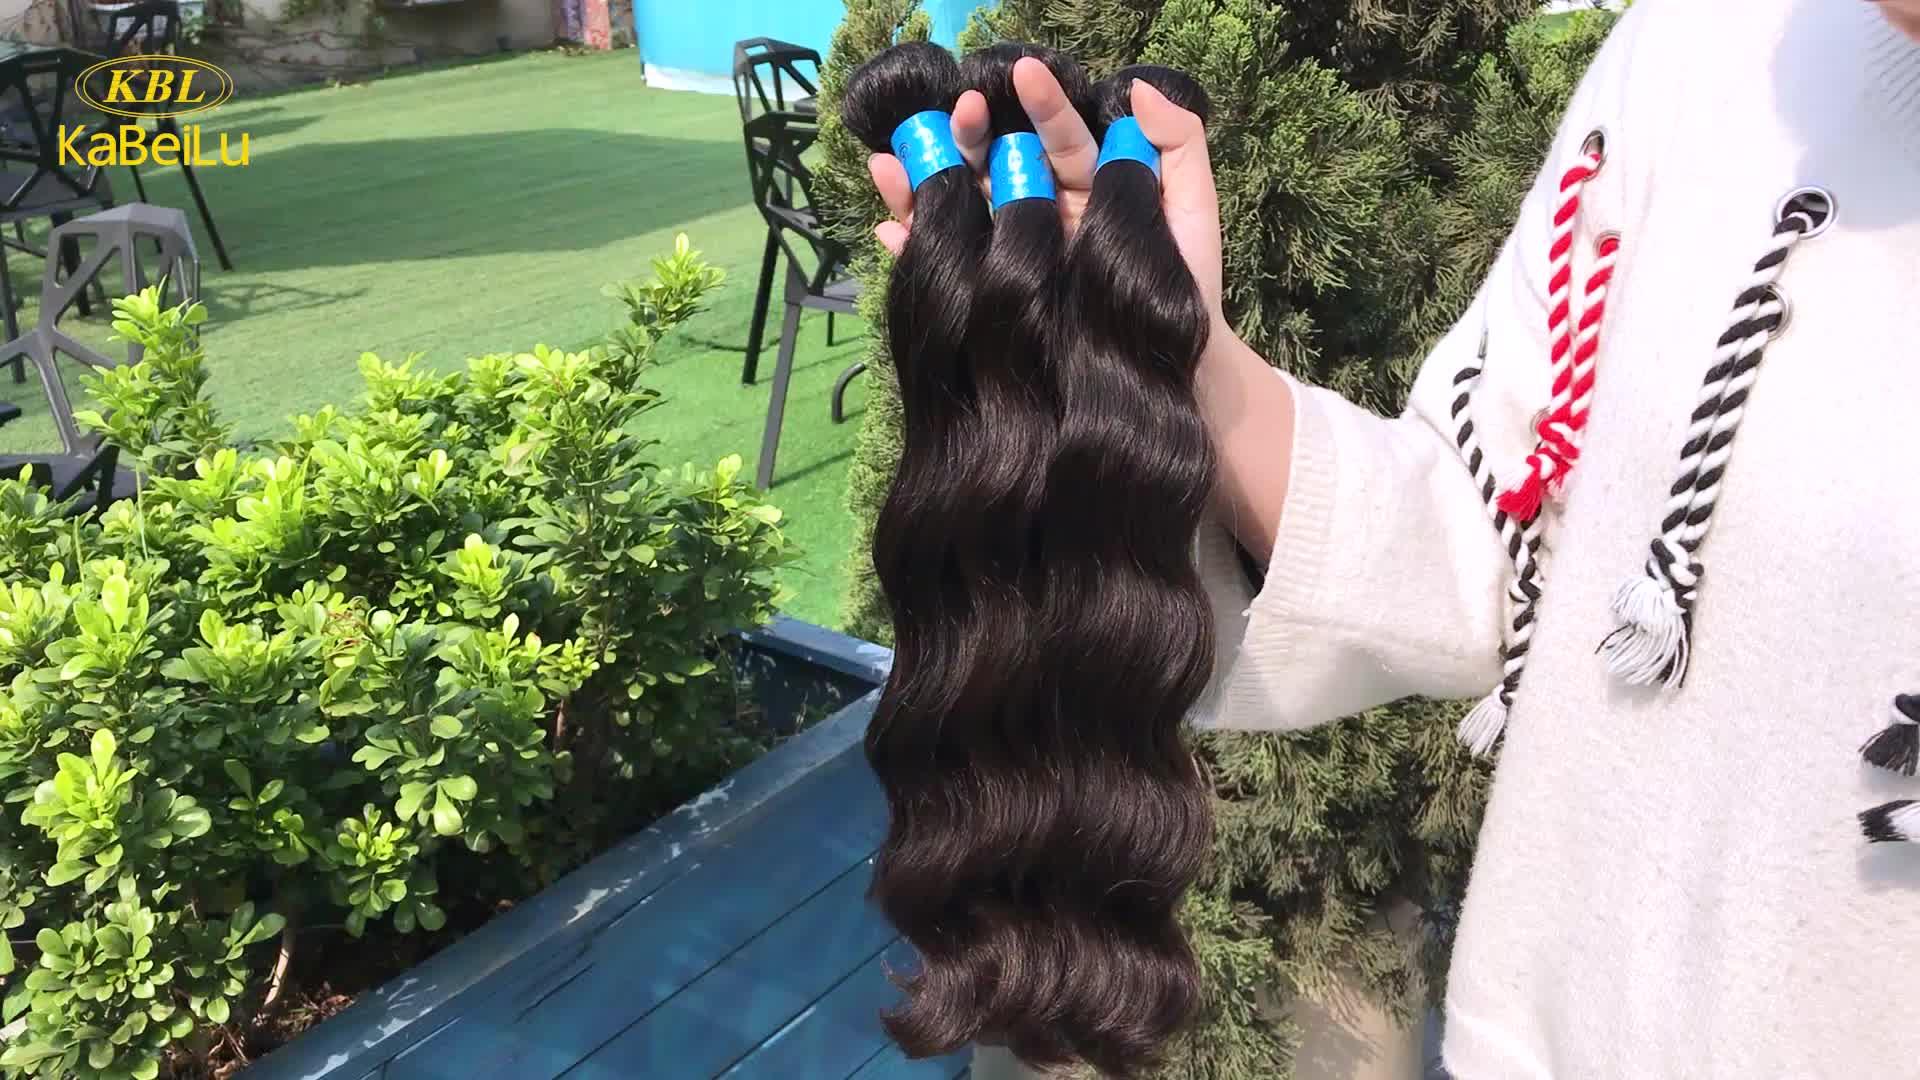 40 pollici naturale dei capelli umani, tessuto dei capelli umani grezzi dubai umani del virgin dei capelli da molto giovani ragazze, 8 inch dei capelli umani brasiliani dubai